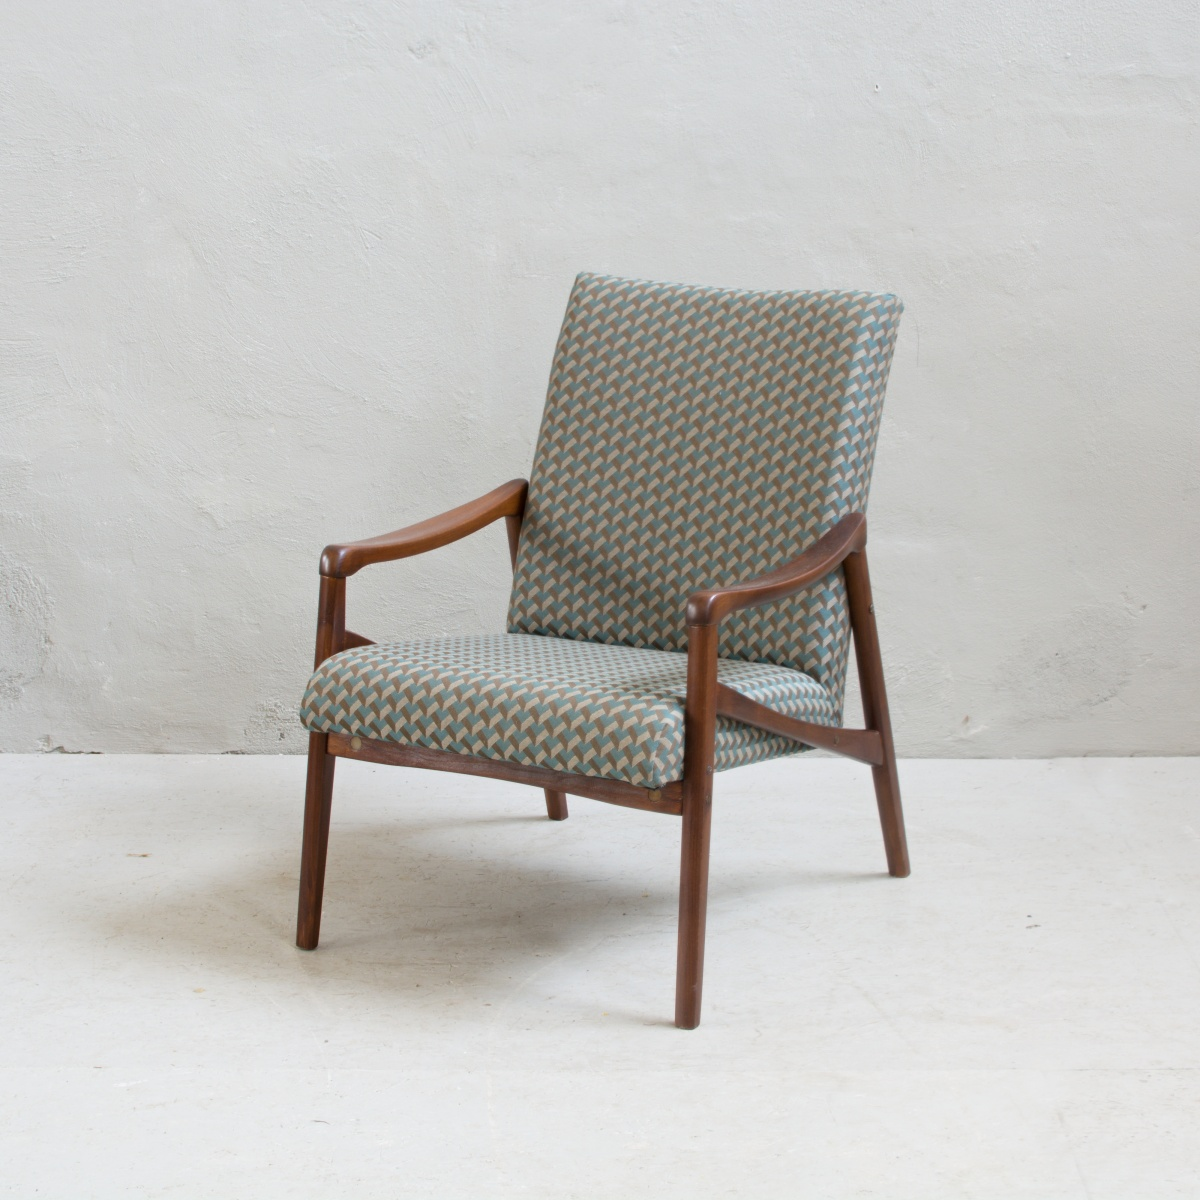 Prodej retro nábytku retro křesílko